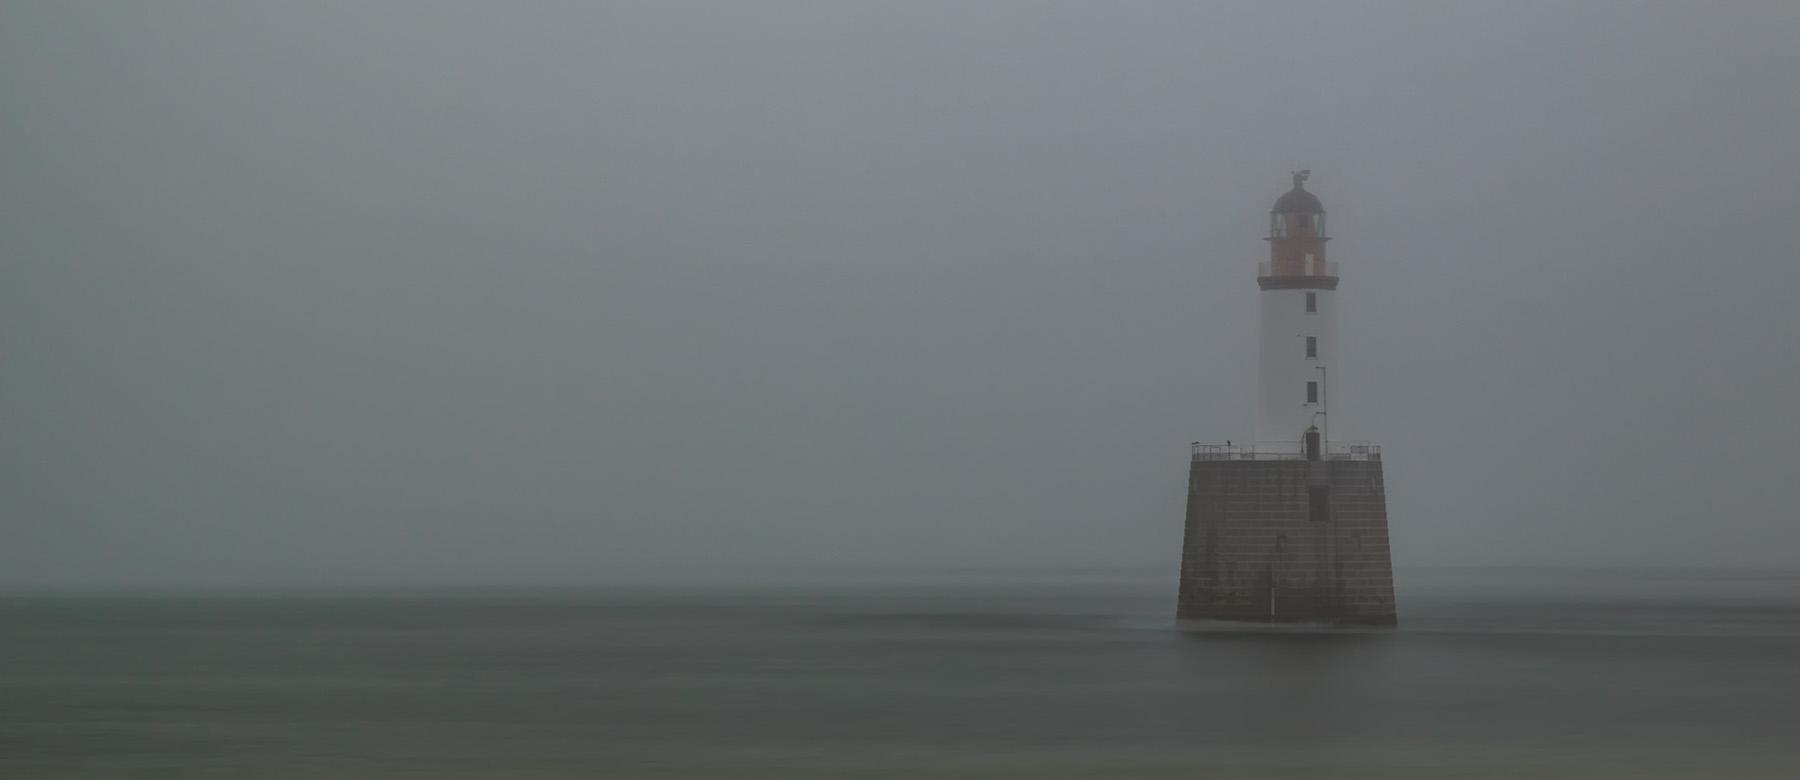 Rattray Head Lighthouse, United Kingdom